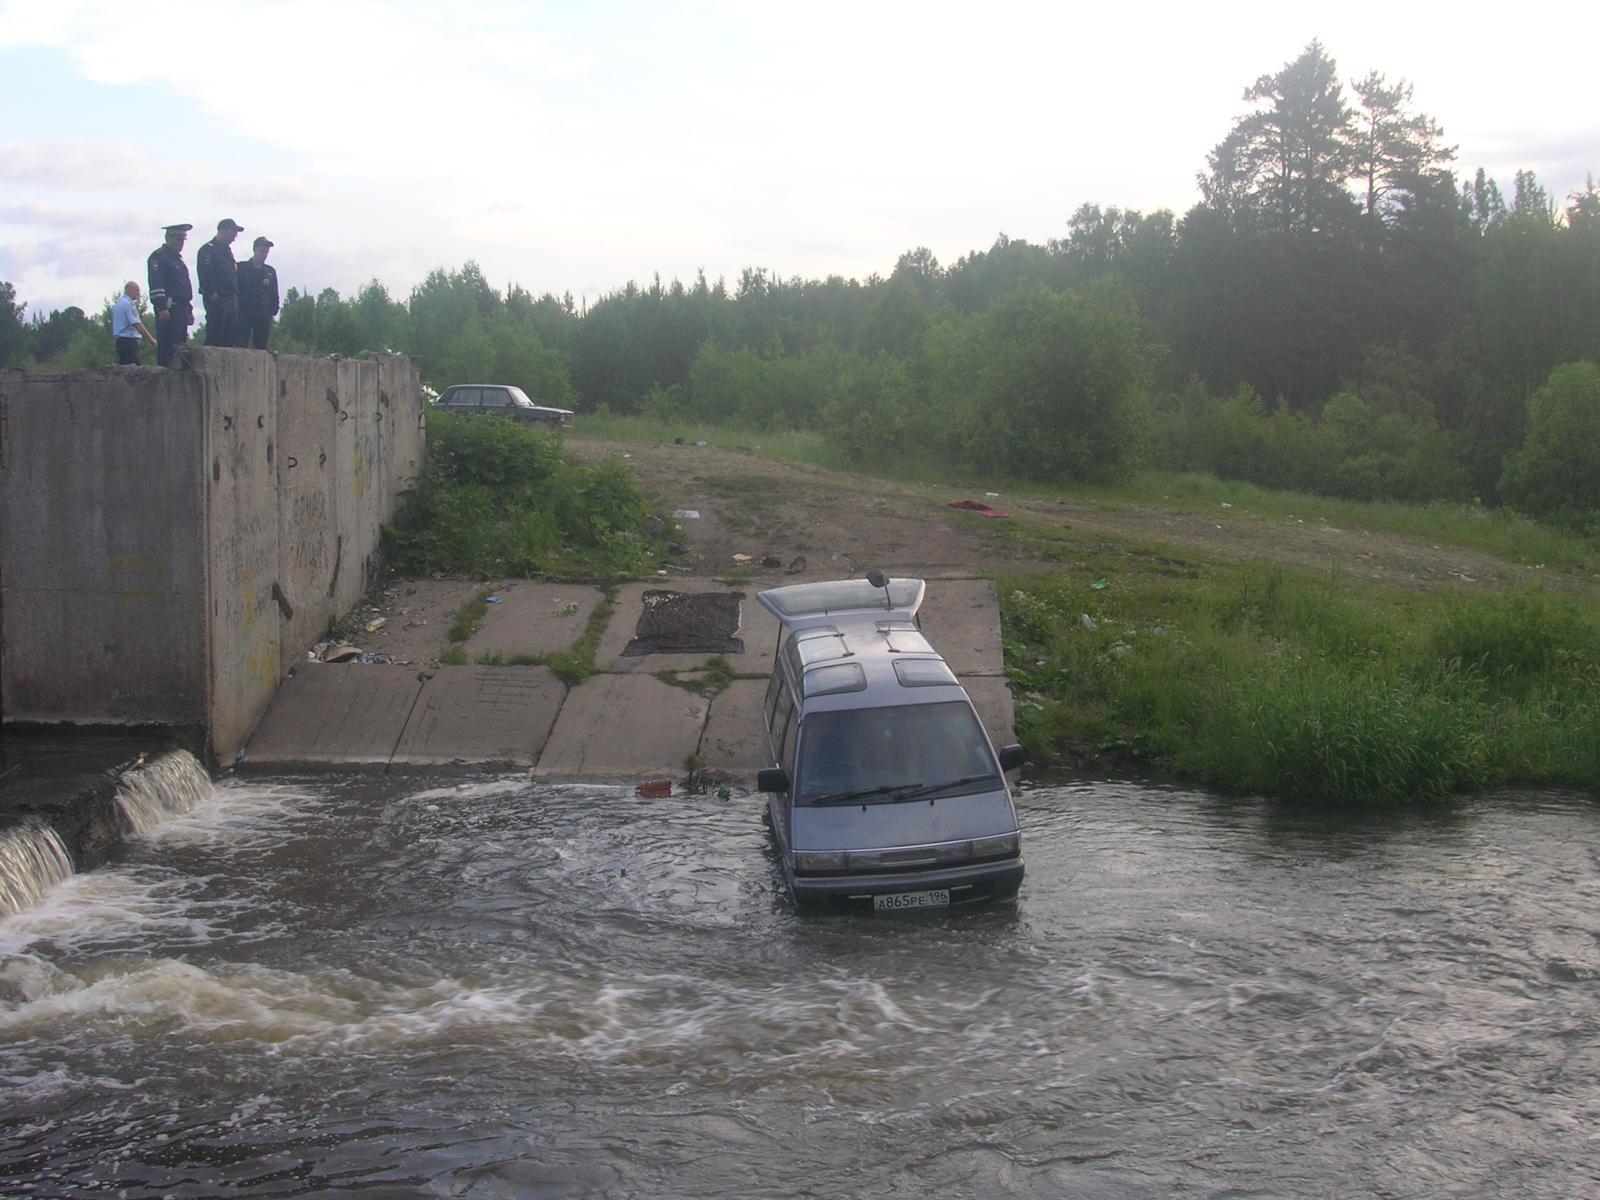 В Нижнем Тагиле микроавтобус скатился в реку и убил человека